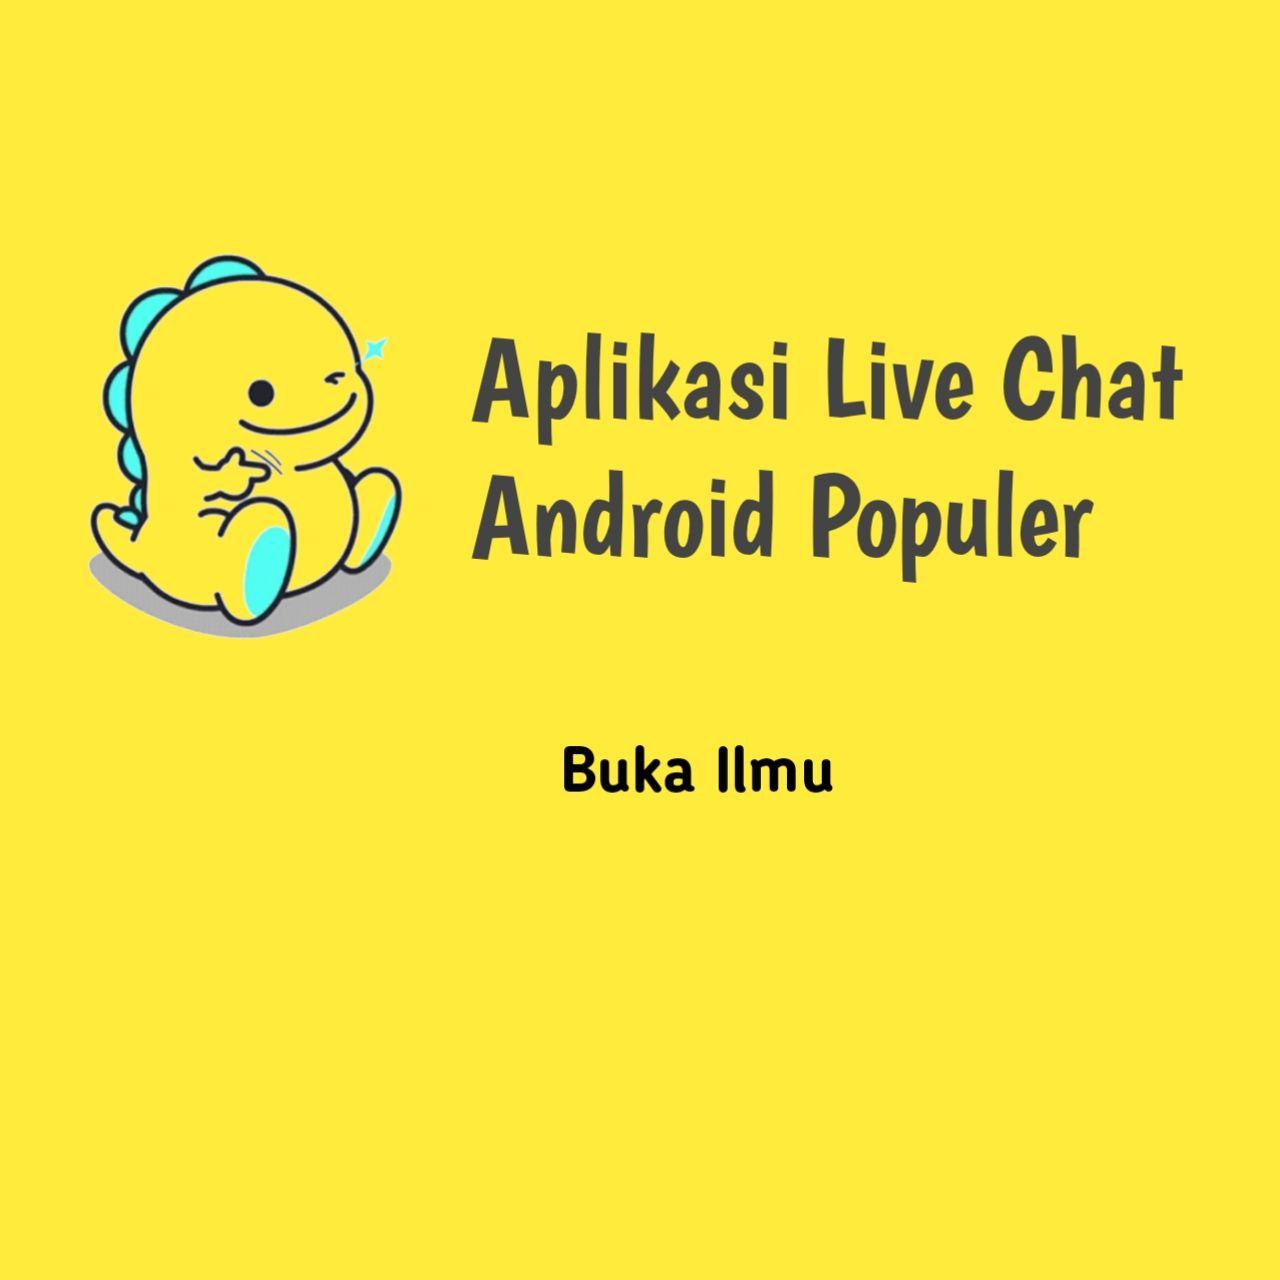 Top 4 Aplikasi Live Chat Android Populer No Sensor Buka Ilmu Video Musik Populer Musik